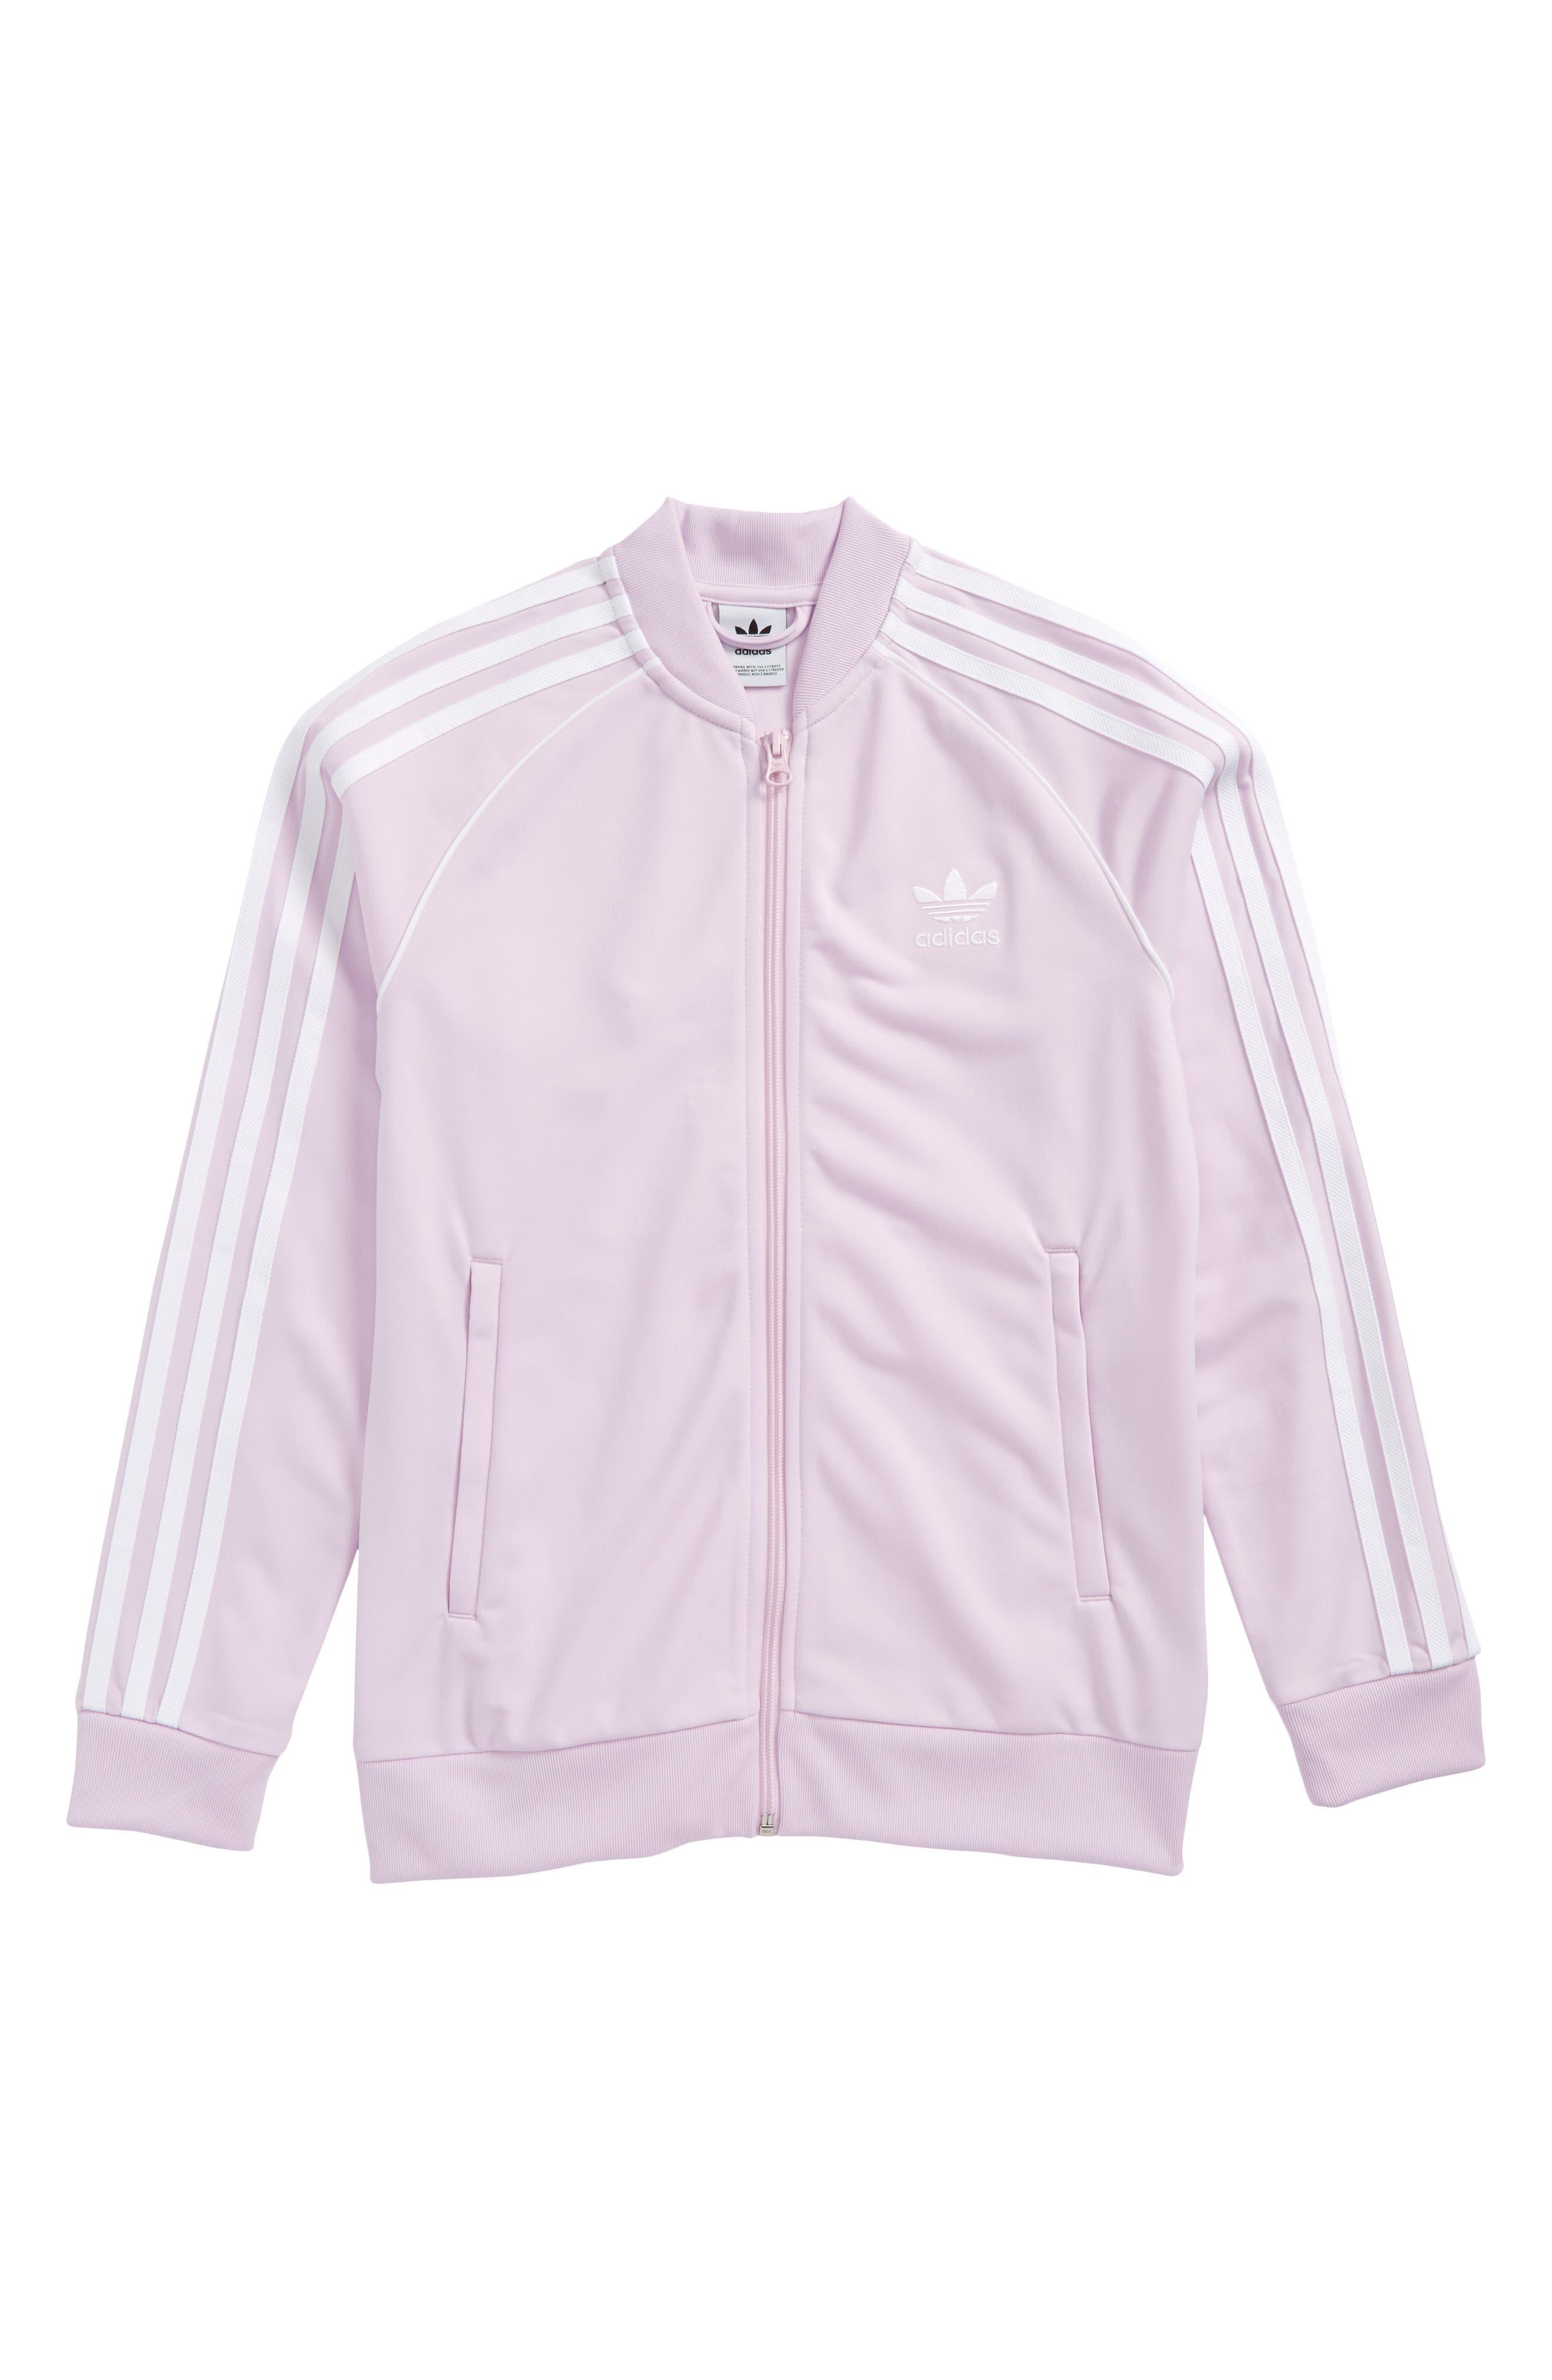 adidas SST Track Jacket,                             Main thumbnail 1, color,                             Pink